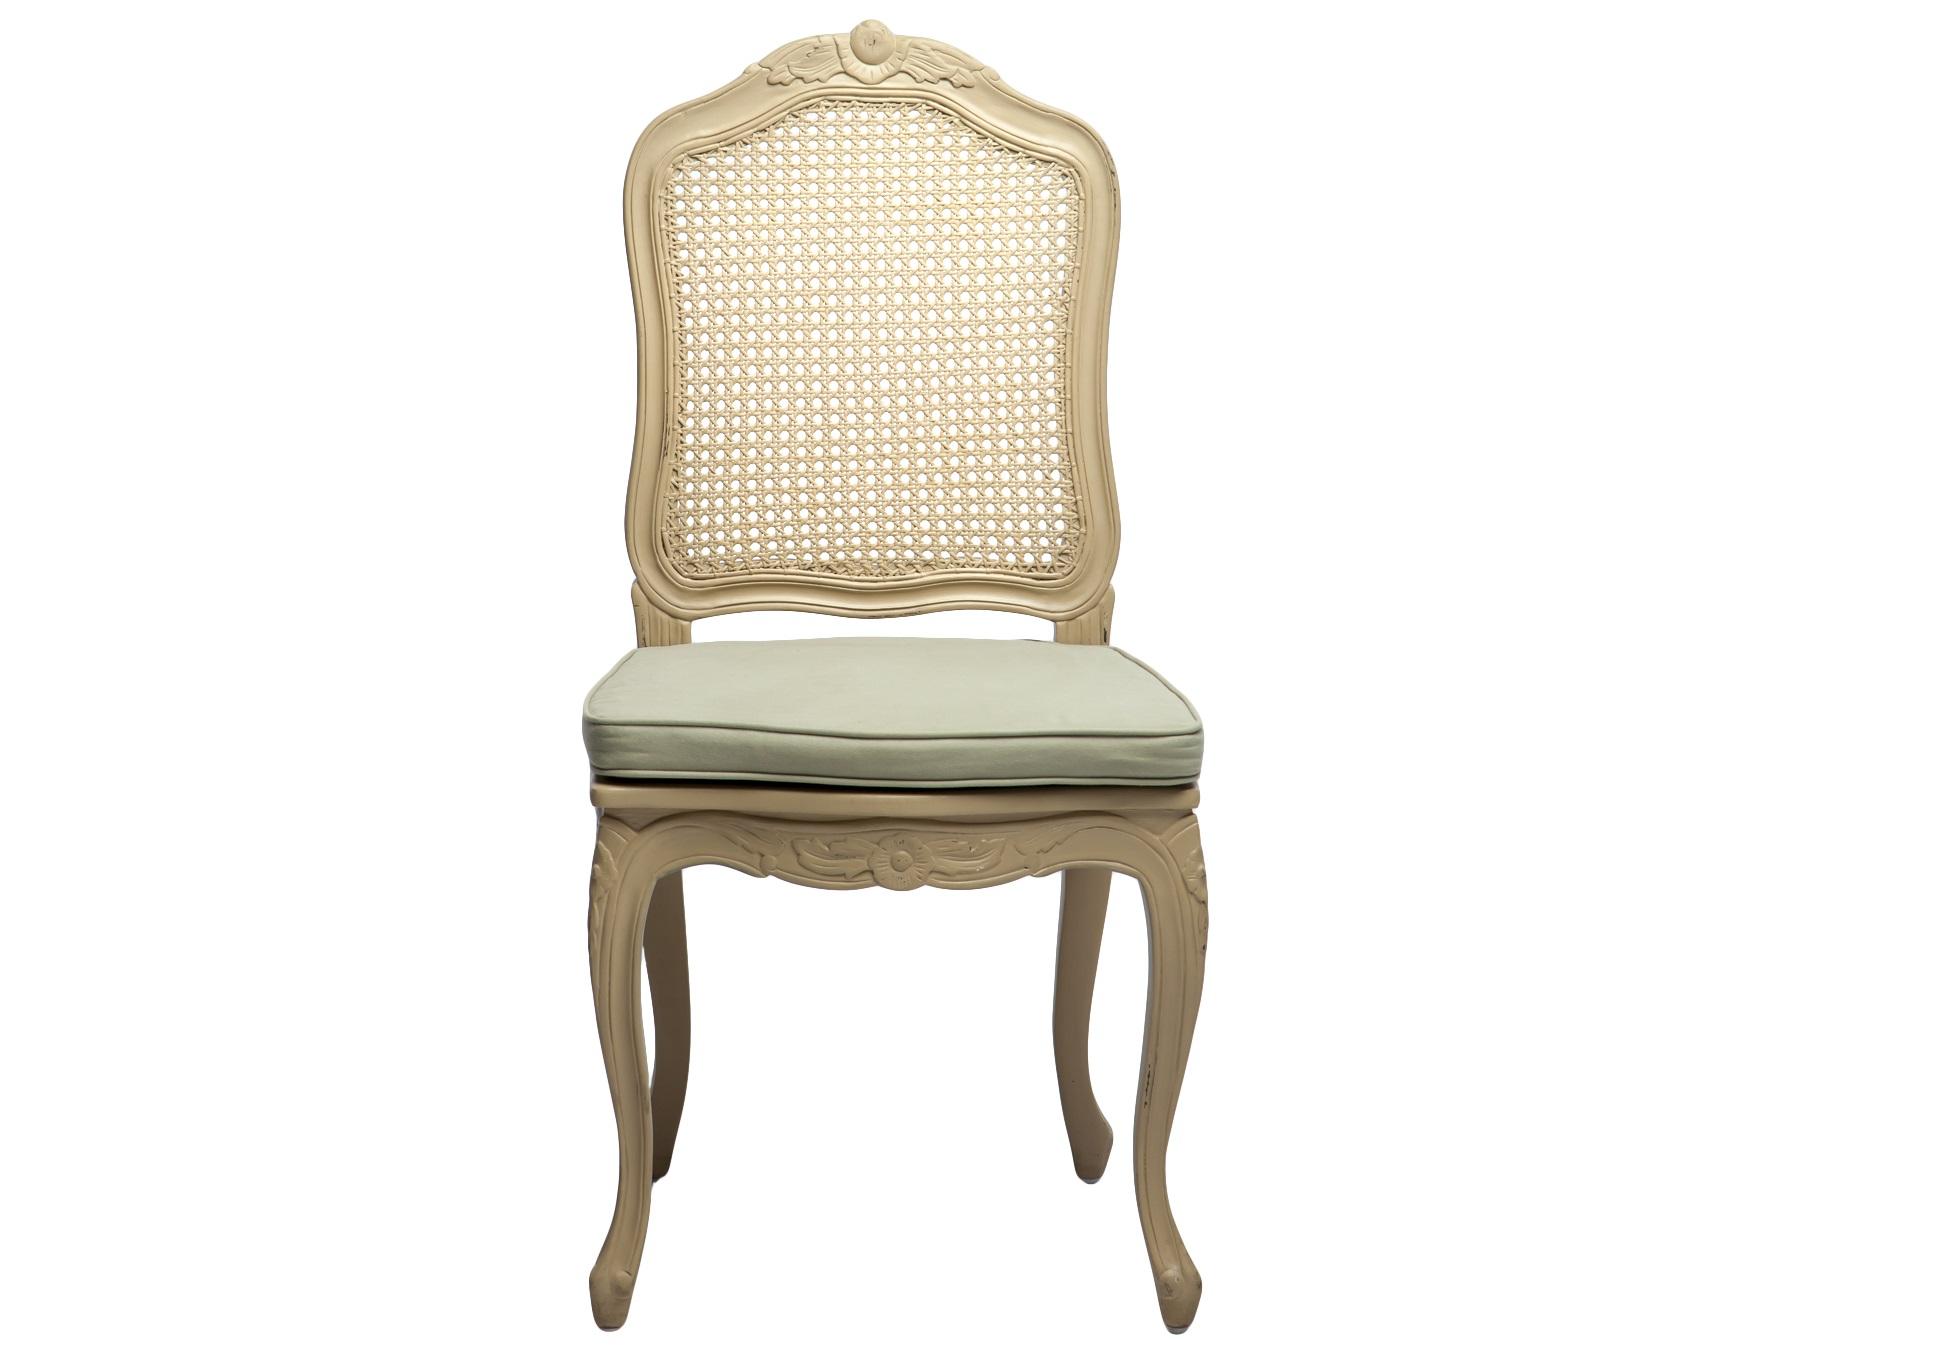 Стул АгатаОбеденные стулья<br>Стул с ротанговой спинкой в стиле прованс, украшен резьбой и старением. Сиденье со съемным чехлом.<br><br>Material: Красное дерево<br>Width см: 50<br>Depth см: 49<br>Height см: 102